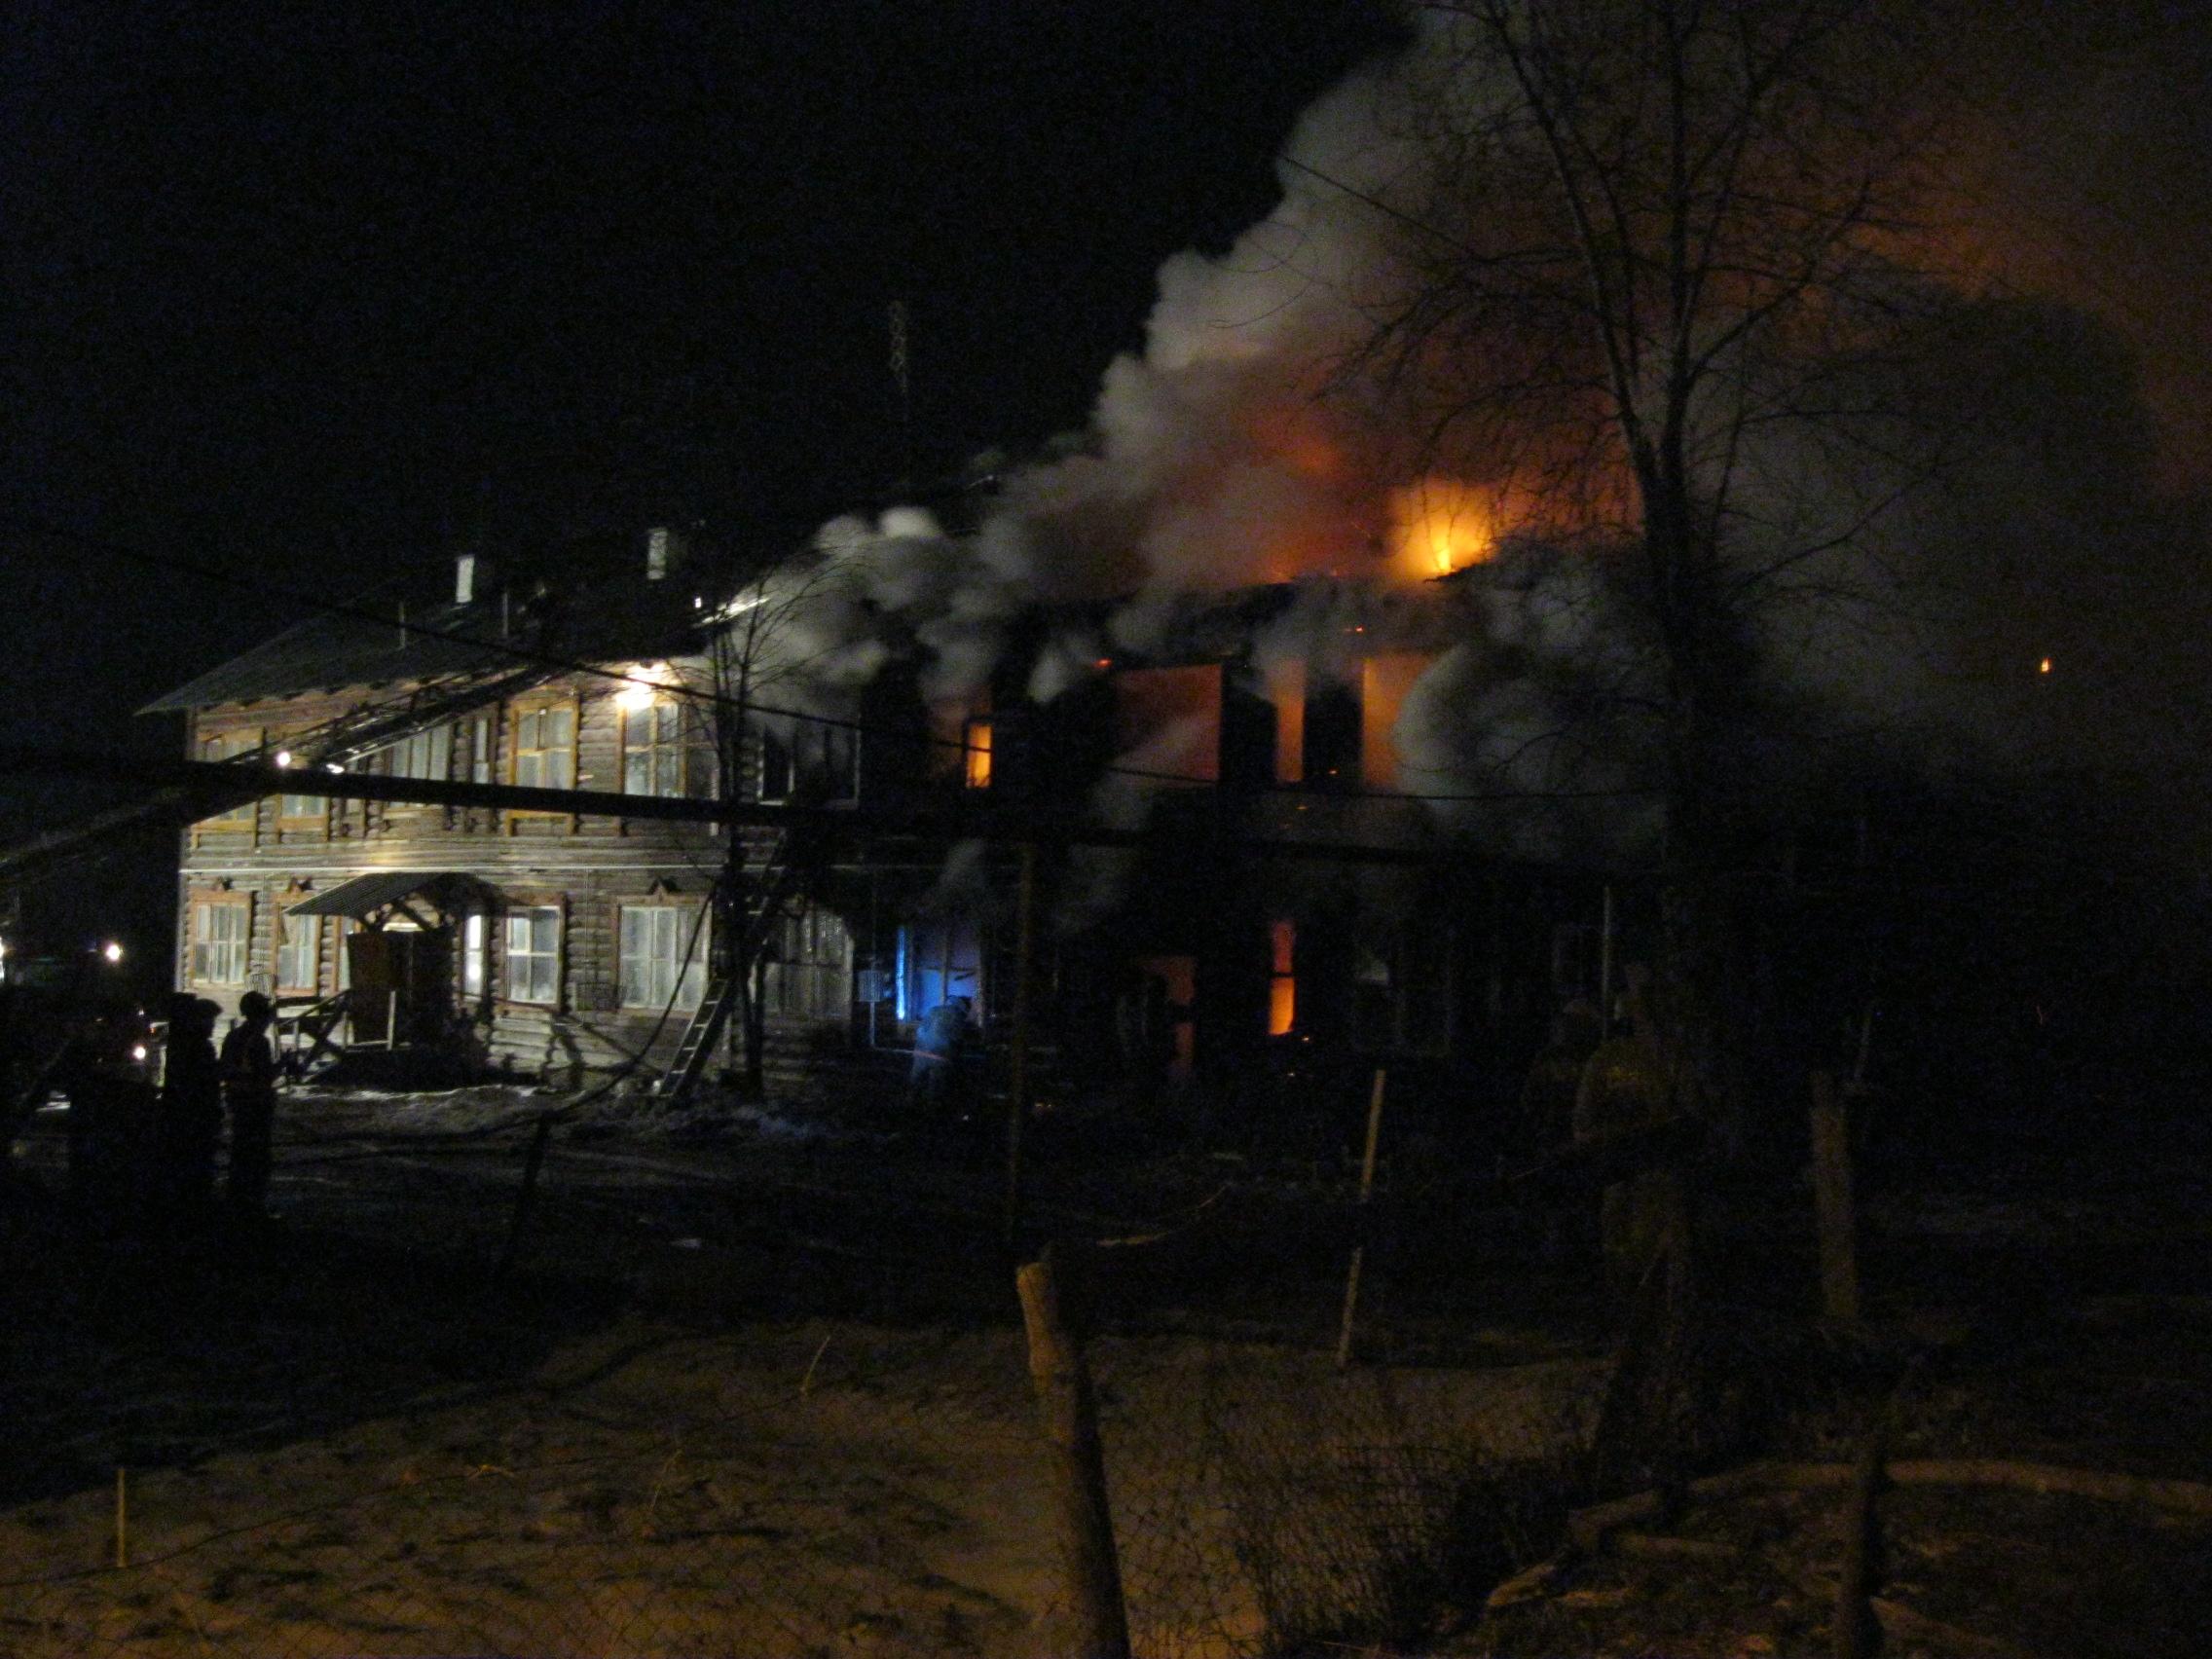 В Верх-Исетском районе сегодня ночью сгорел деревянный дом